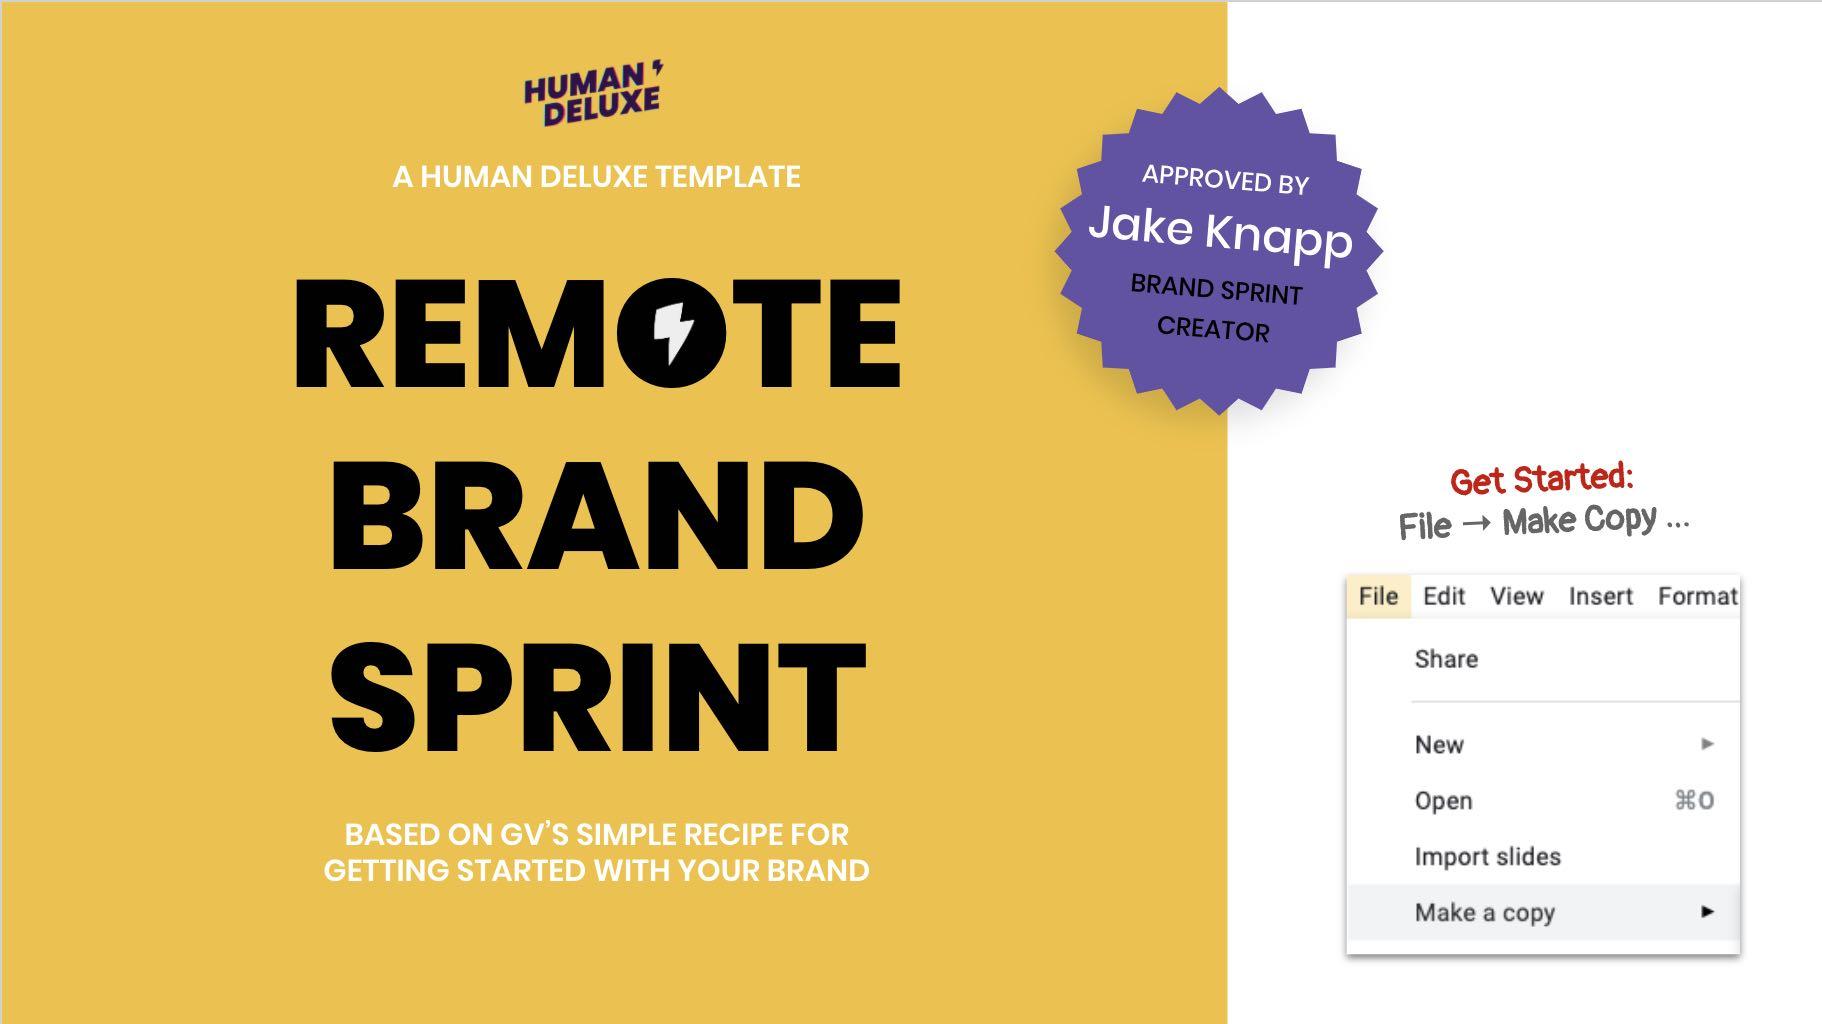 Remote Brand Sprint